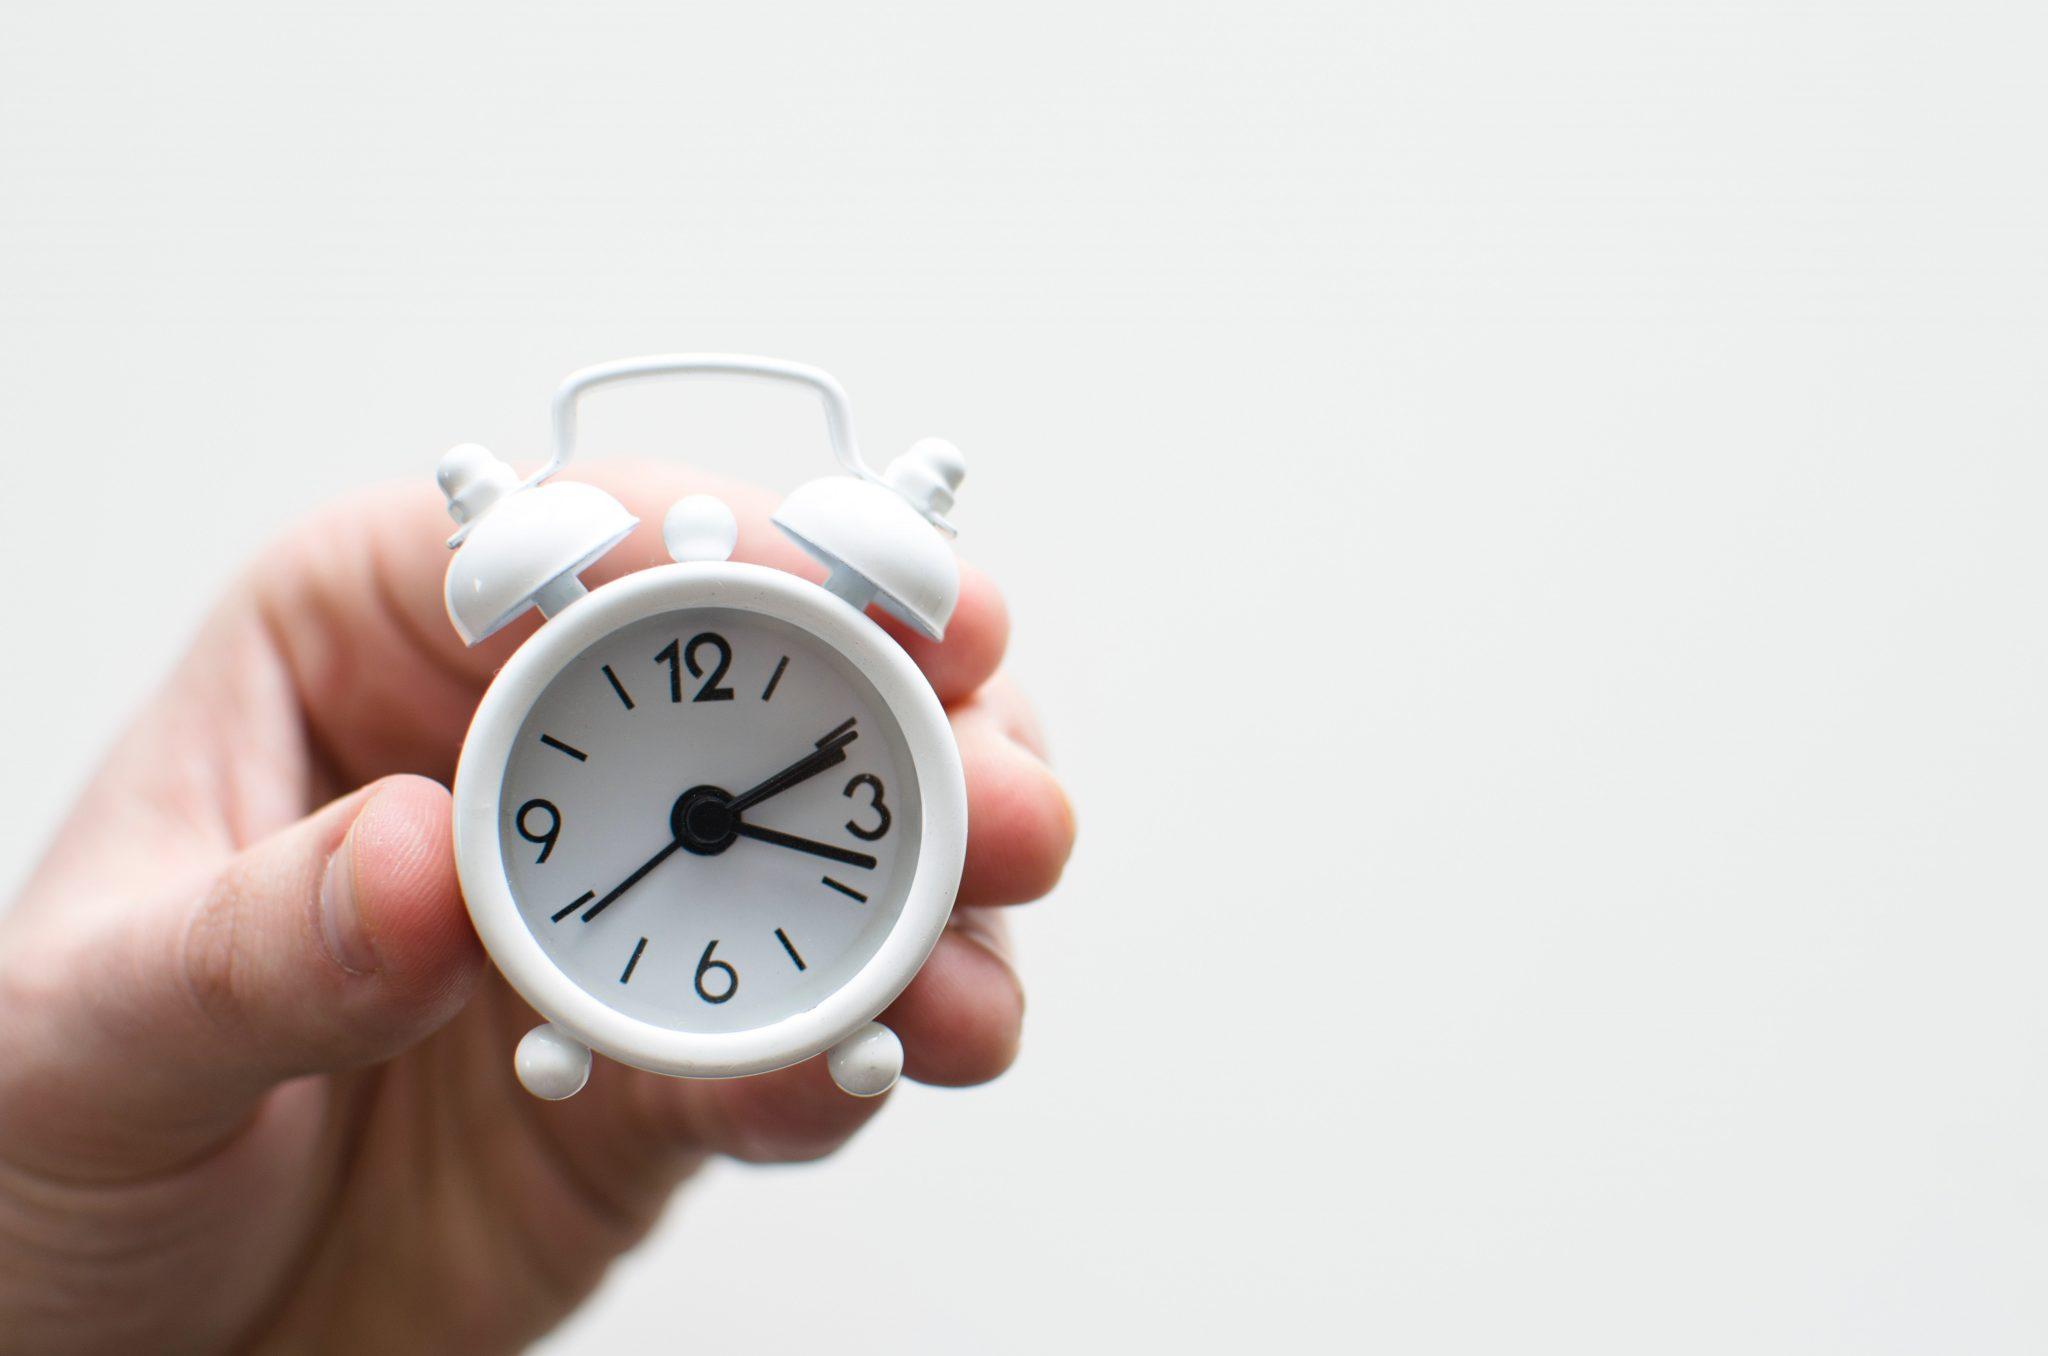 社会人の平均勉強時間は6分!?【時間の確保術公開】